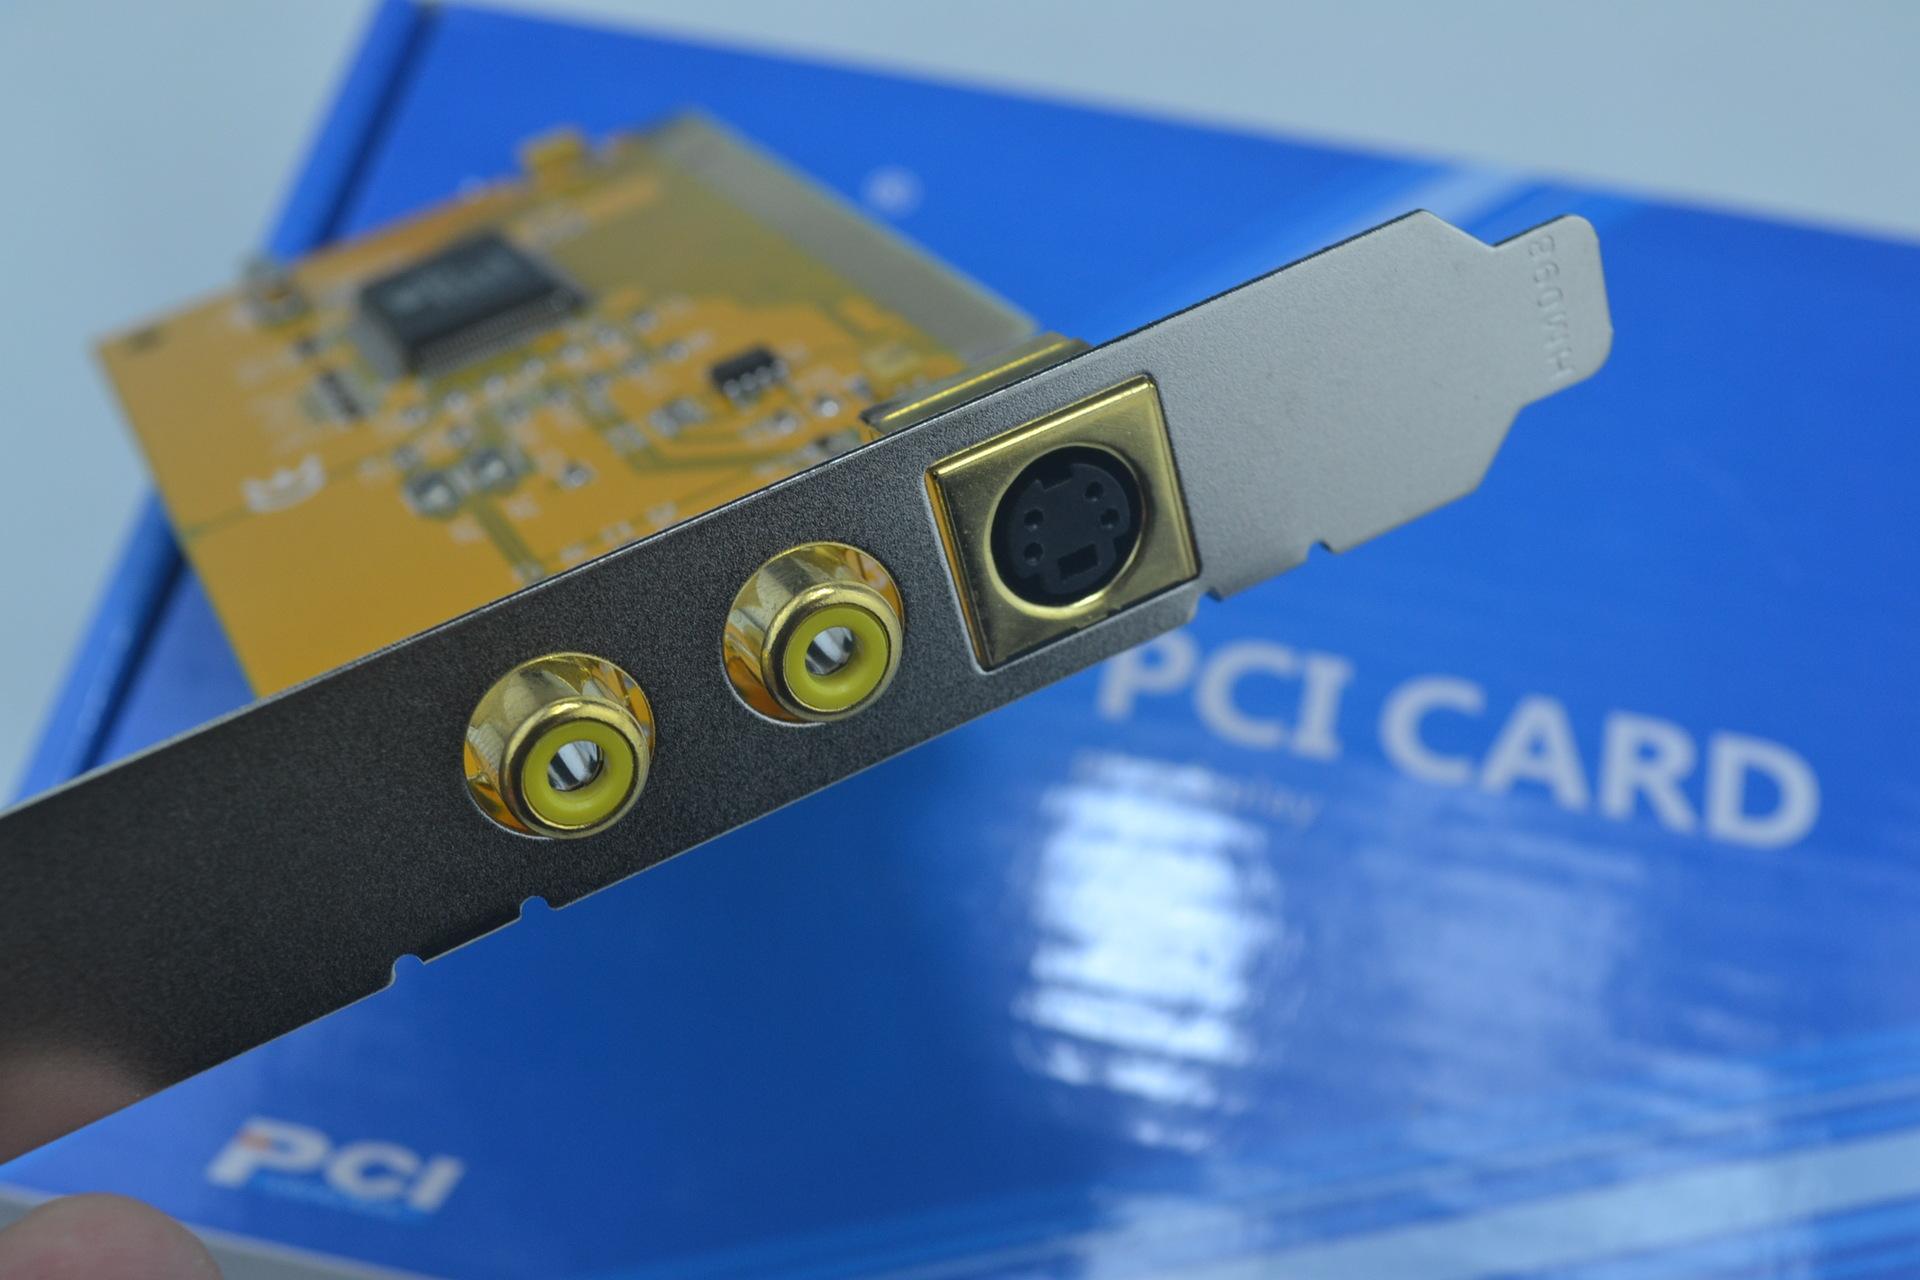 878A коллекция коллекция карта SDK2000 видео инжир так карта B превышать цвет превышать изображение позолоченный терминал тантал емкость